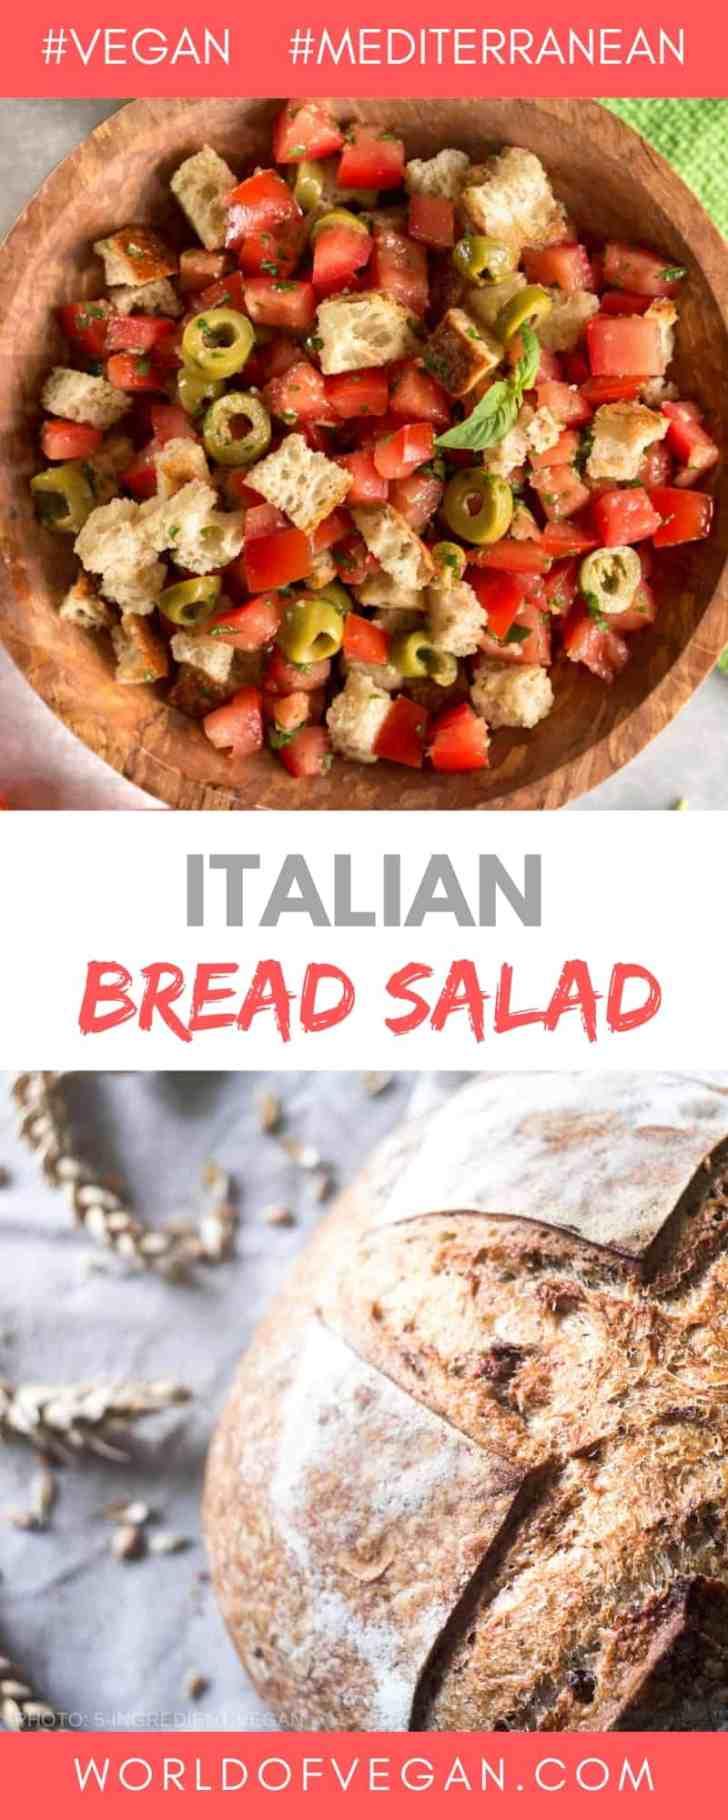 Simple Italian Bread Salad | World of Vegan | #bread #salad #italian #side #tomatoes #olives #worldofvegan